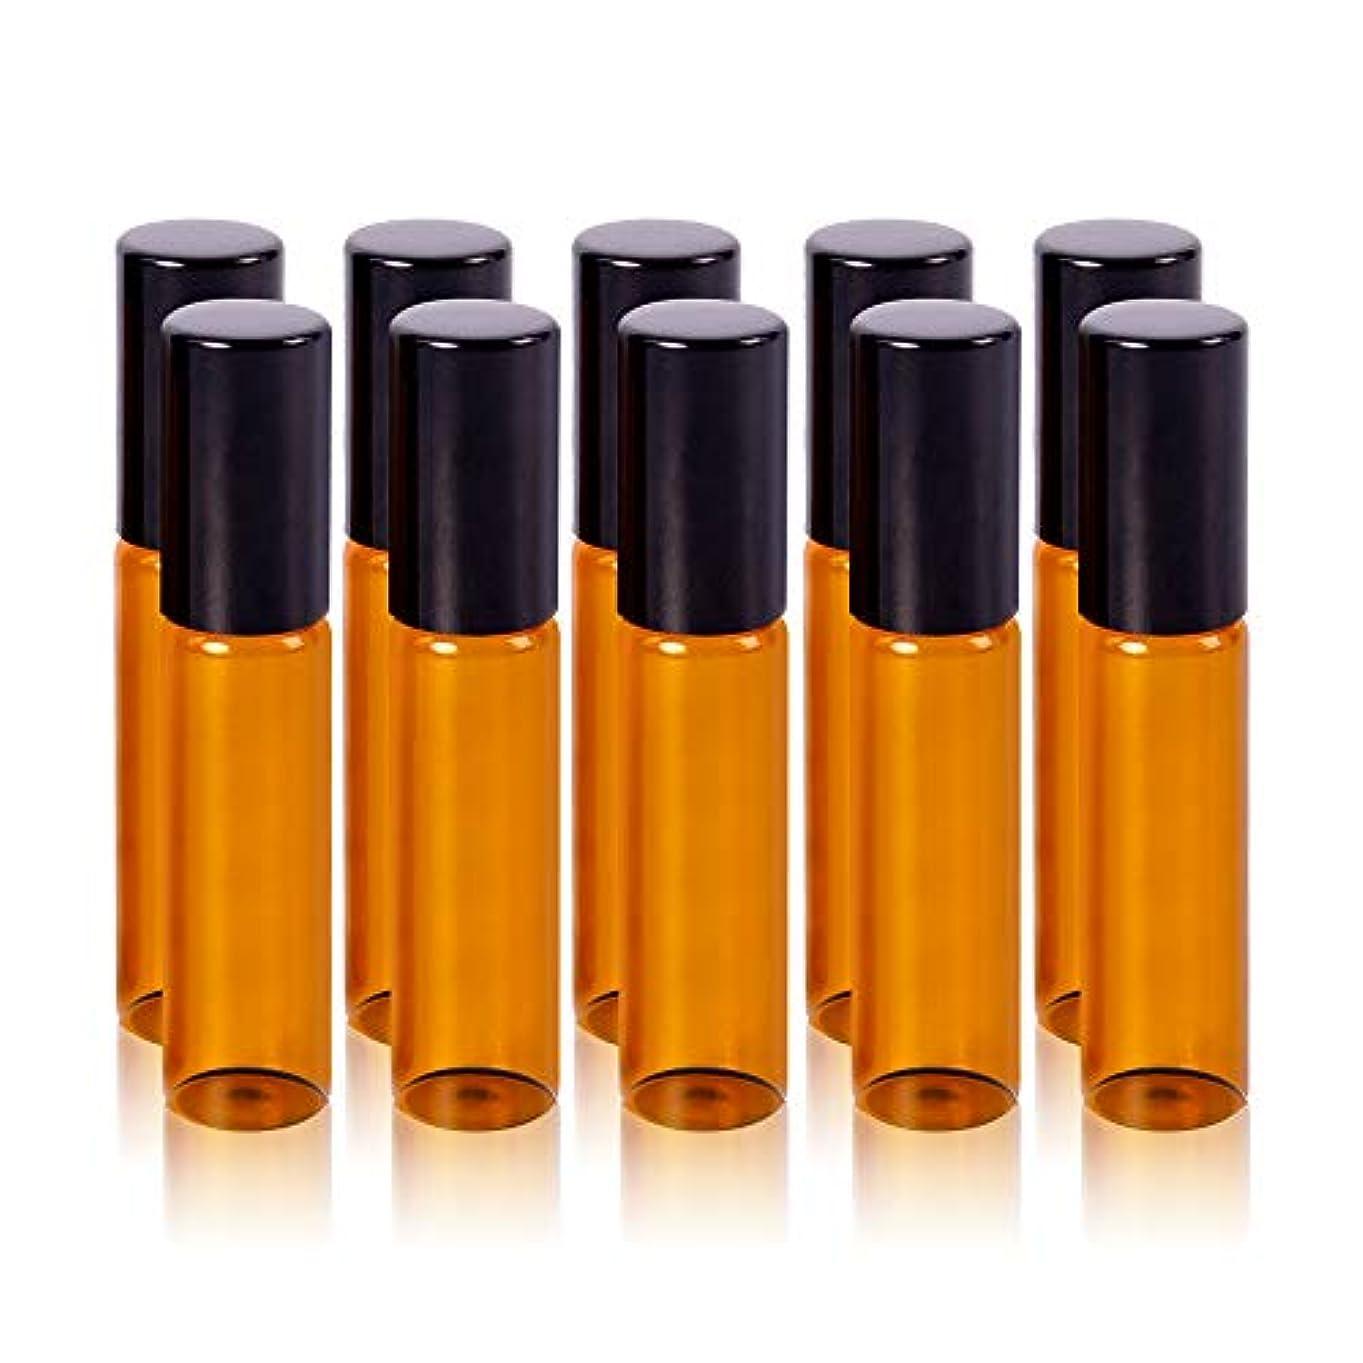 鋼果てしない変形アロマオイル 精油 小分け用 遮光瓶 10本セット (5ml)